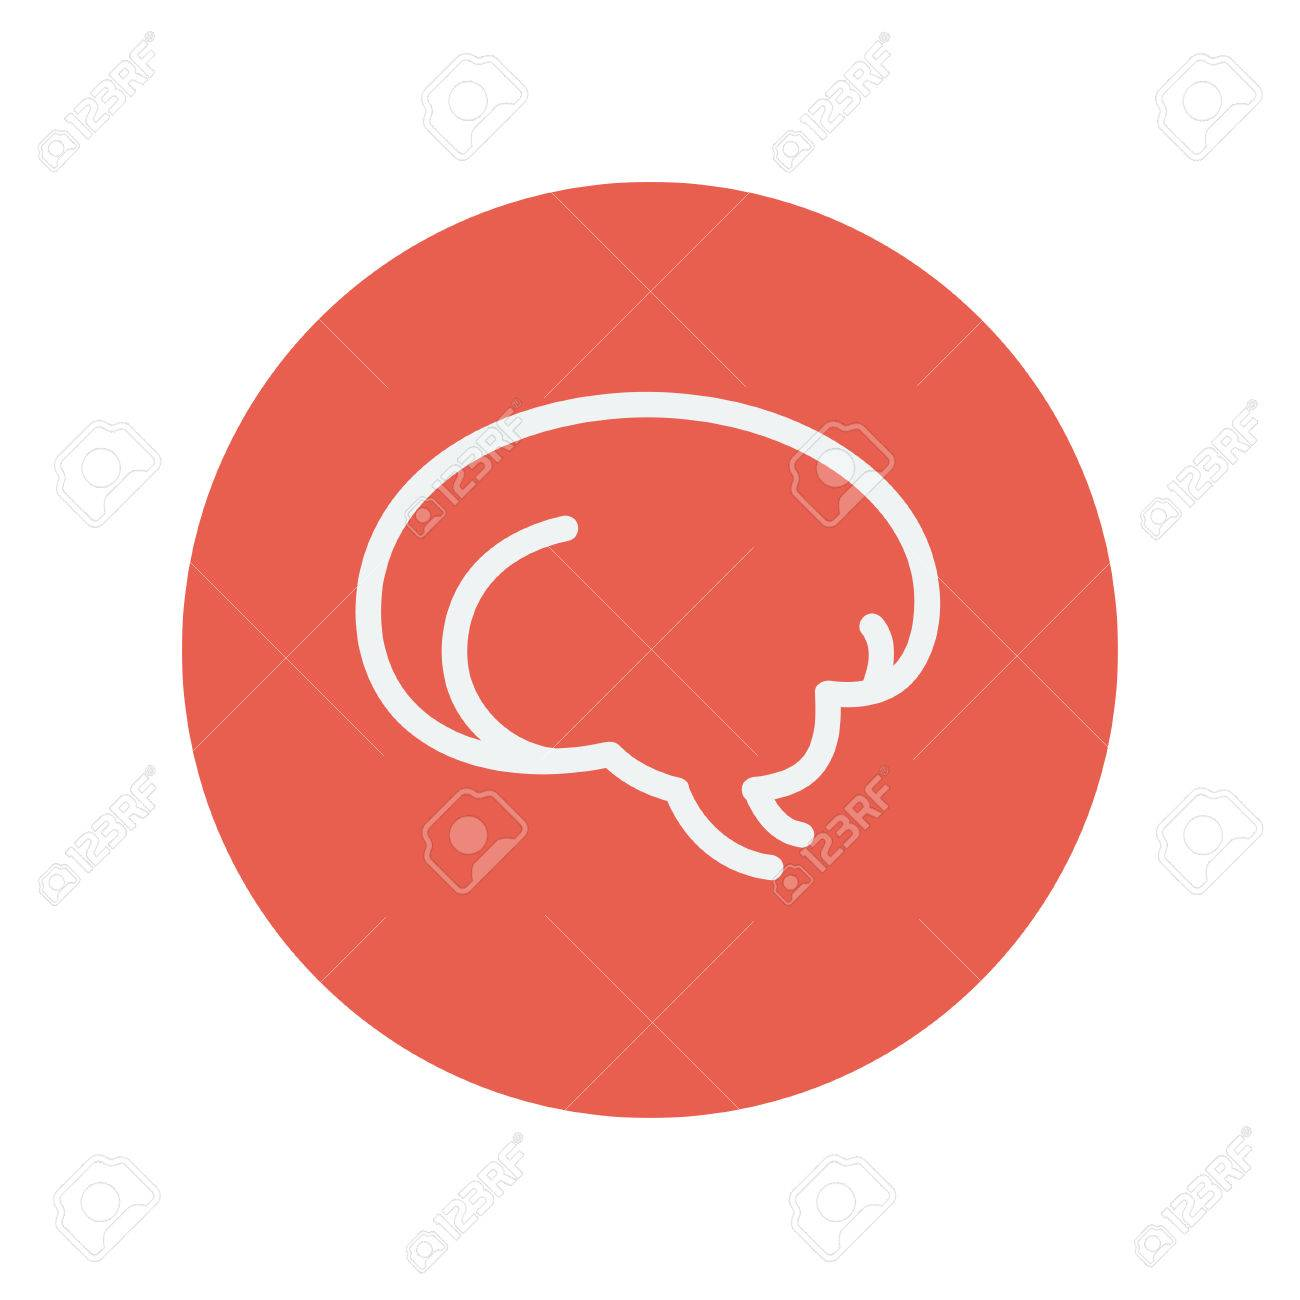 Cerebro Humano Icono De Línea Delgada Para Web Y Diseño Plano Móvil ...